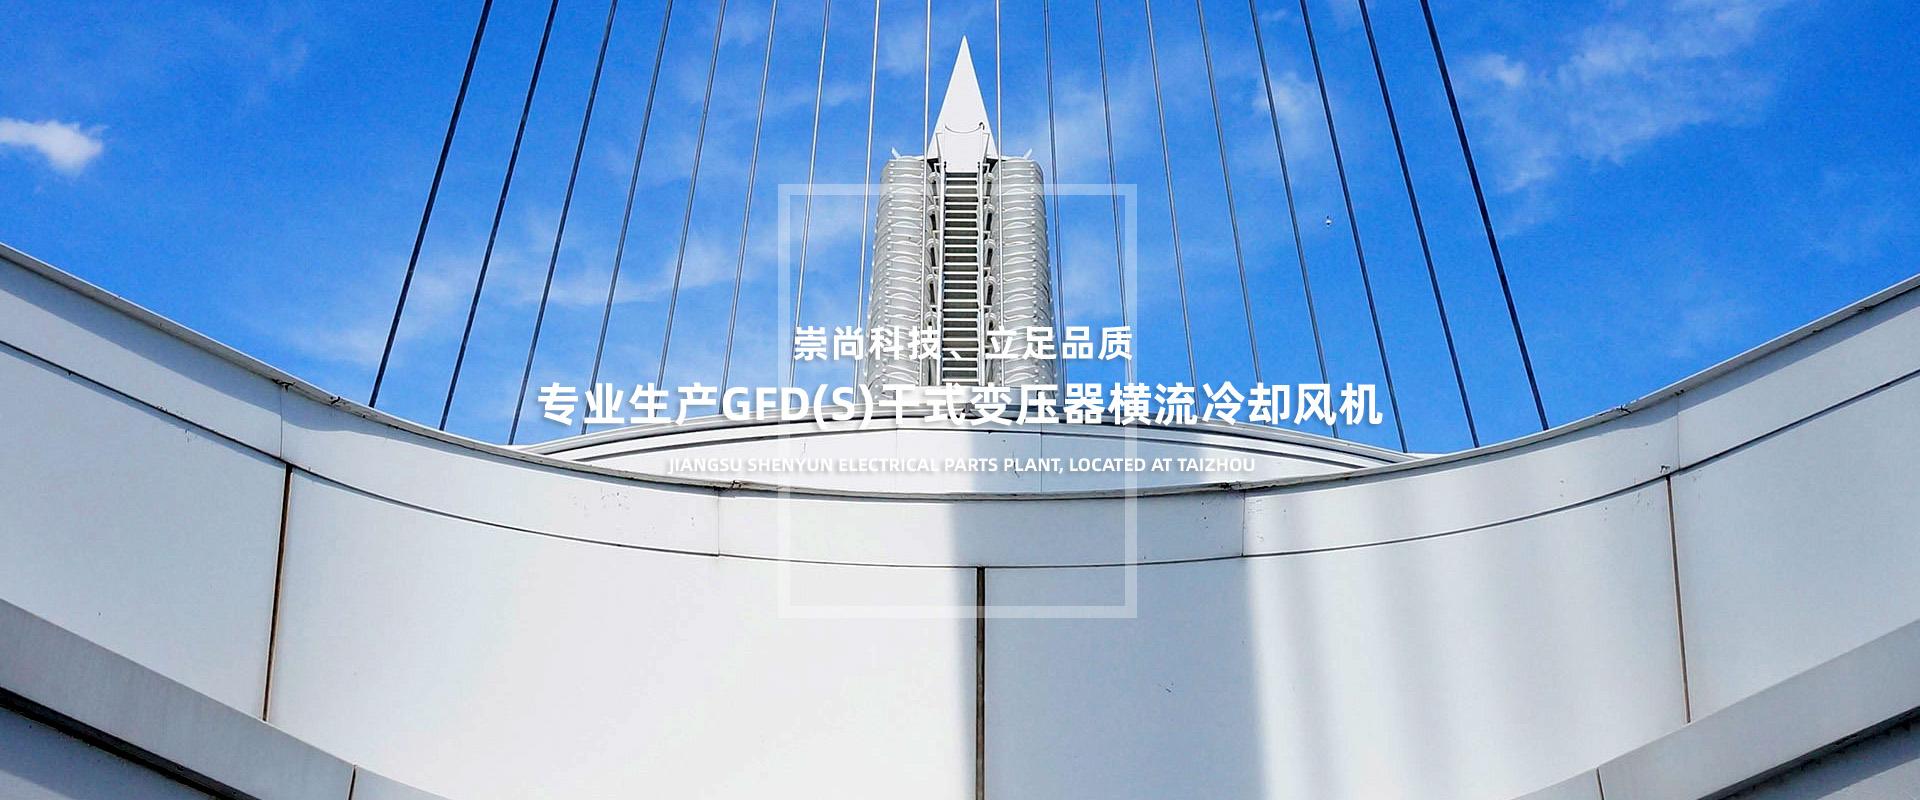 江蘇神運電氣有限公司